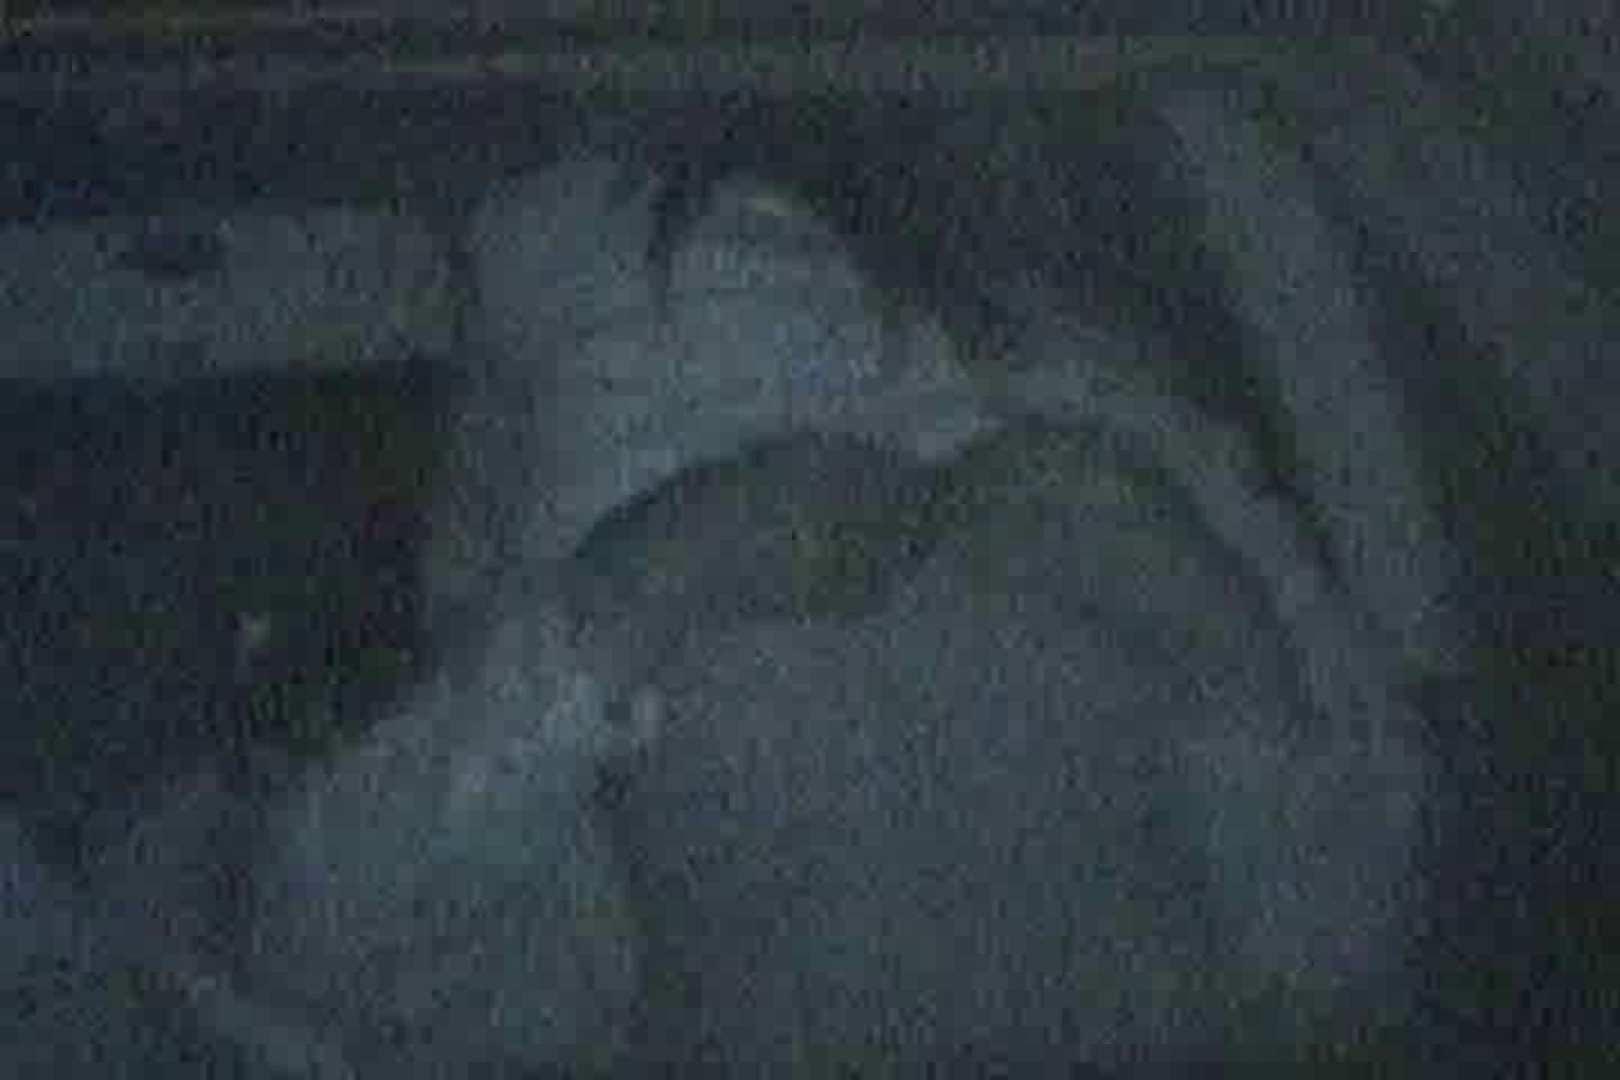 充血監督の深夜の運動会Vol.8 チクビ オマンコ無修正動画無料 106画像 99